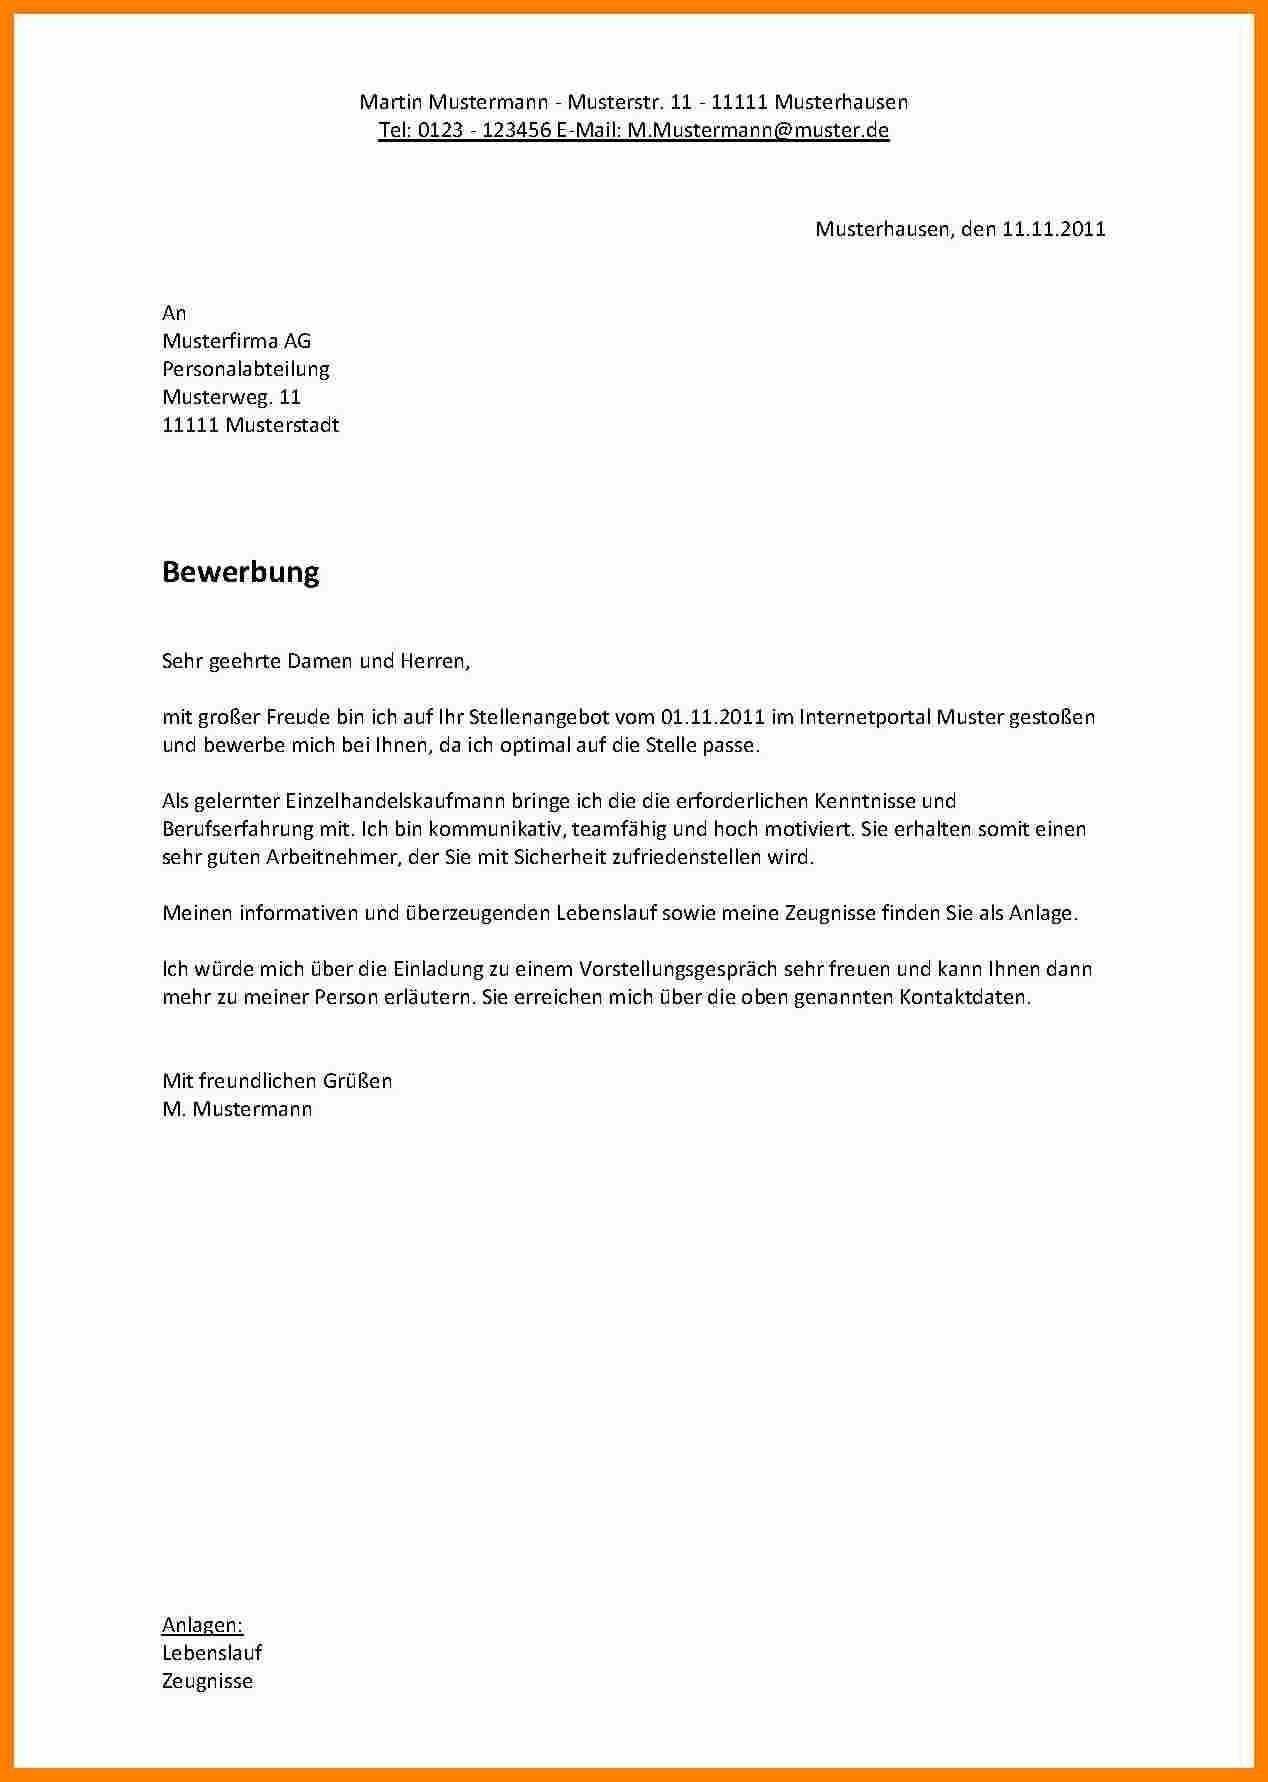 Einzigartig Bewerbung Nach Ausbildung Muster Briefprobe Briefformat Briefvorlage Bewerbung Vorlage Bewerbung Bewerbung Schreiben